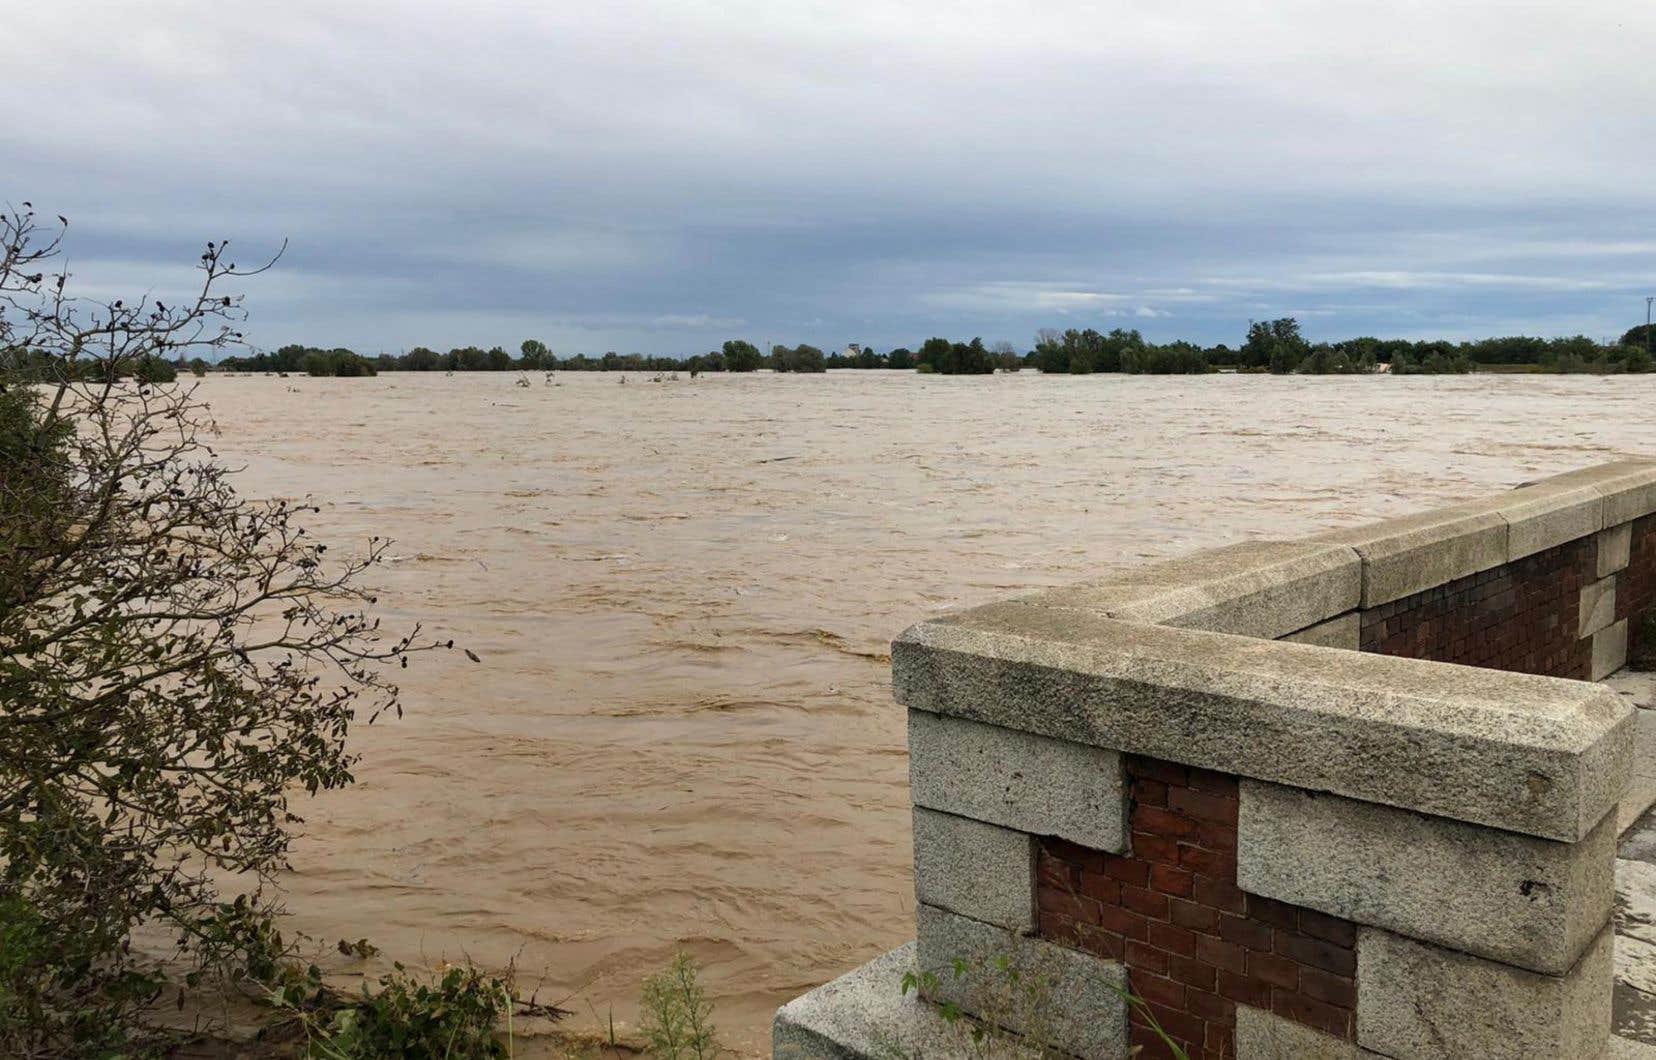 Les zones les plus touchées se situent dans les bassins des rivières Toce, Tanaro, Biellese et Sesia (en photo).